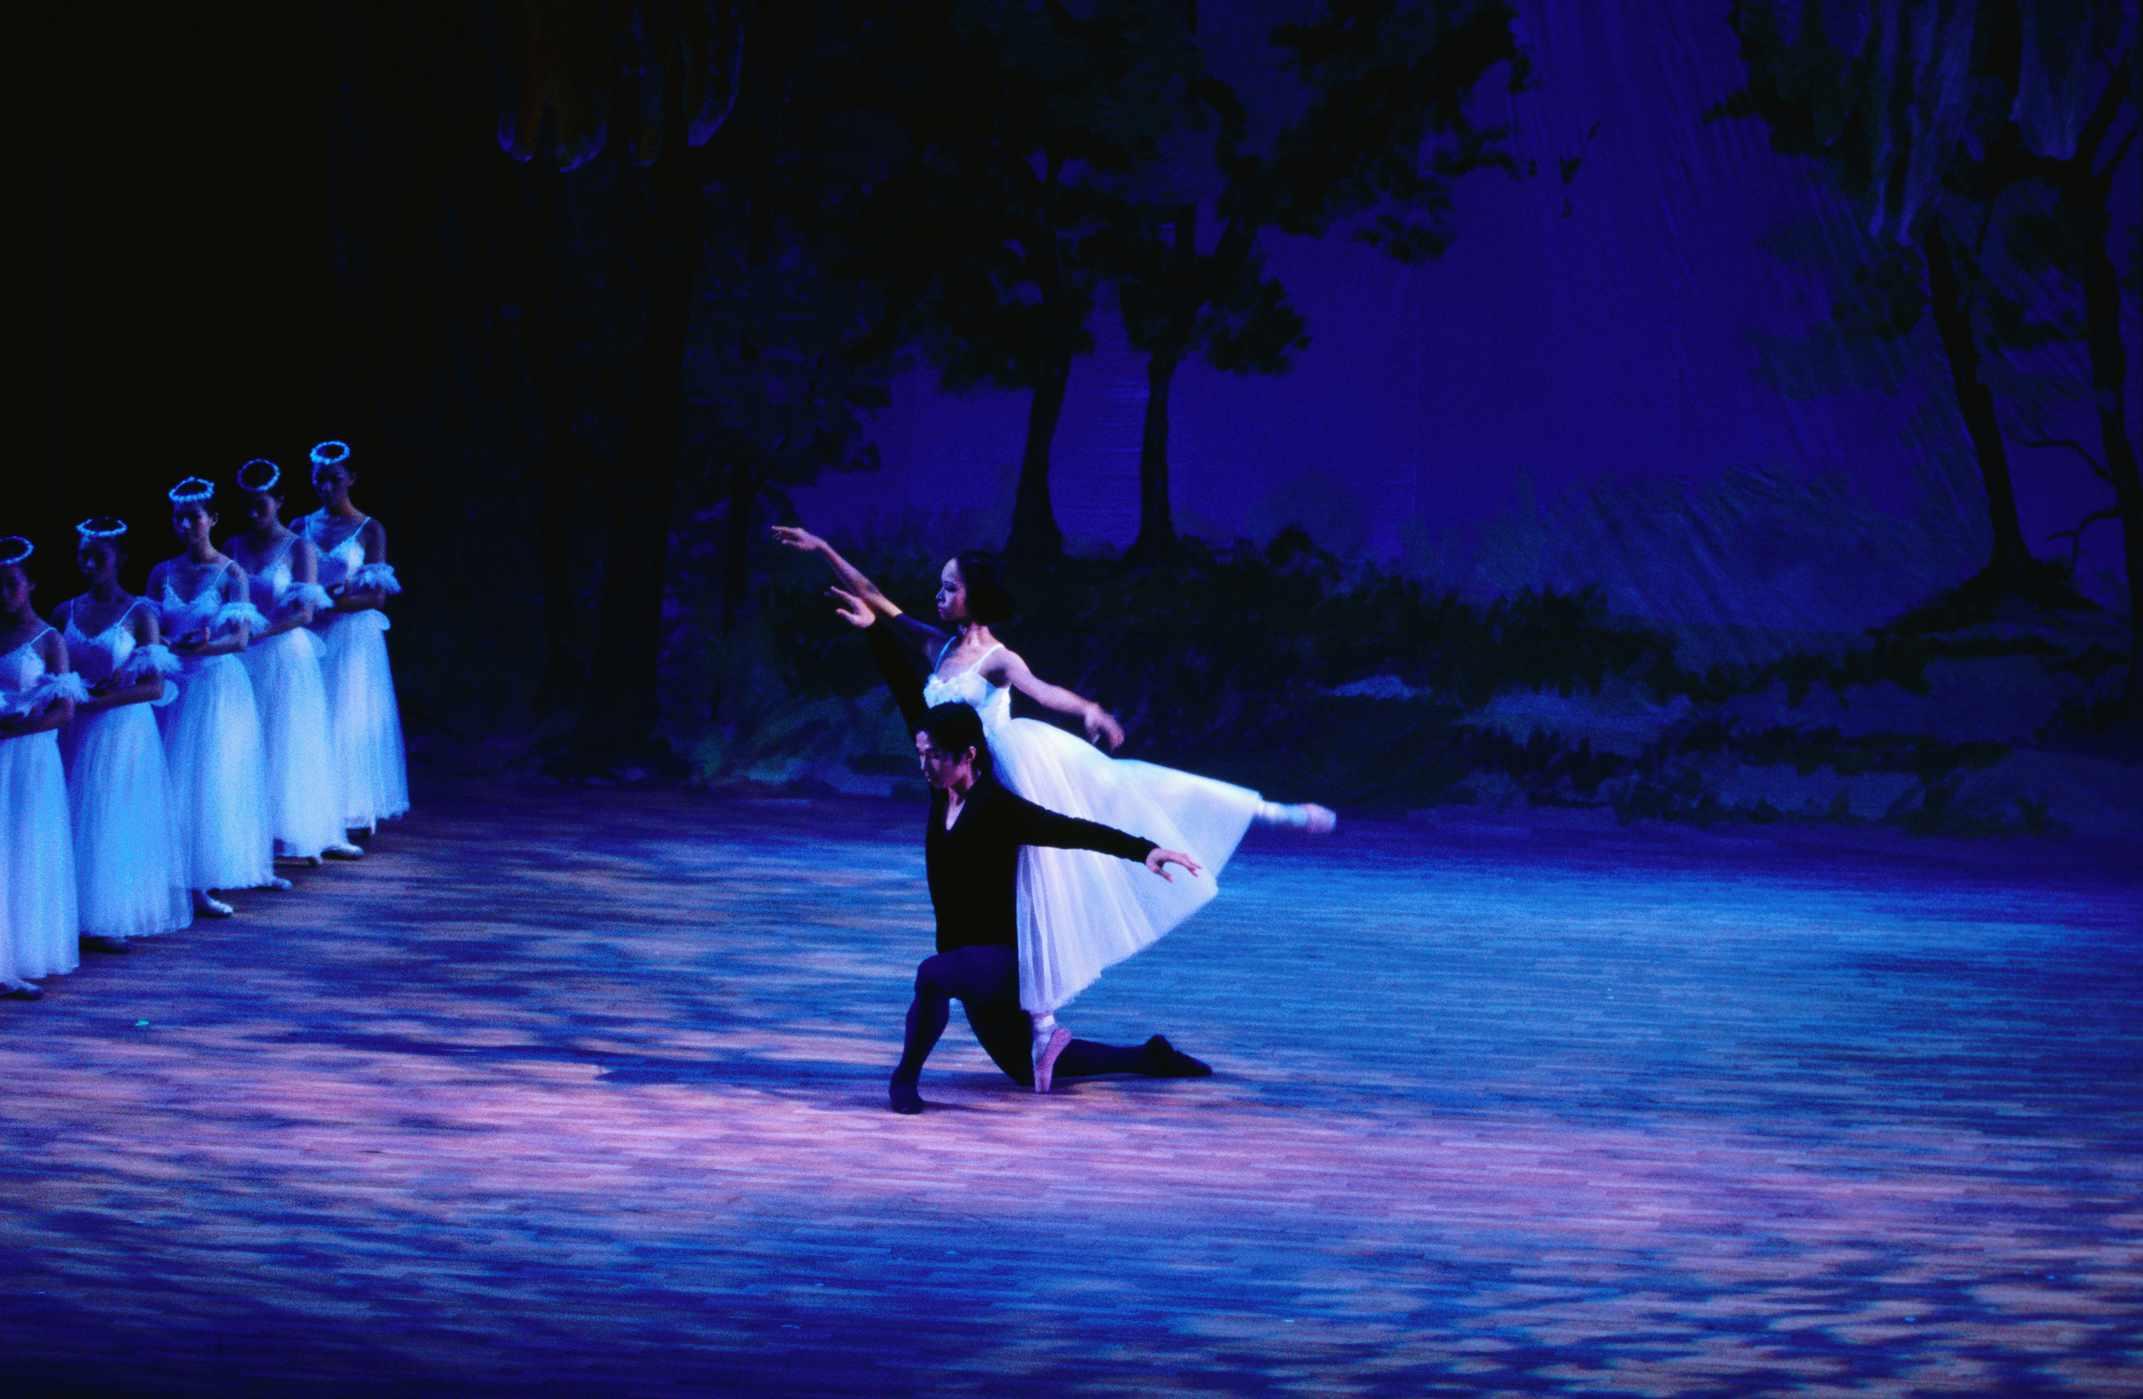 Giselle ballet performance